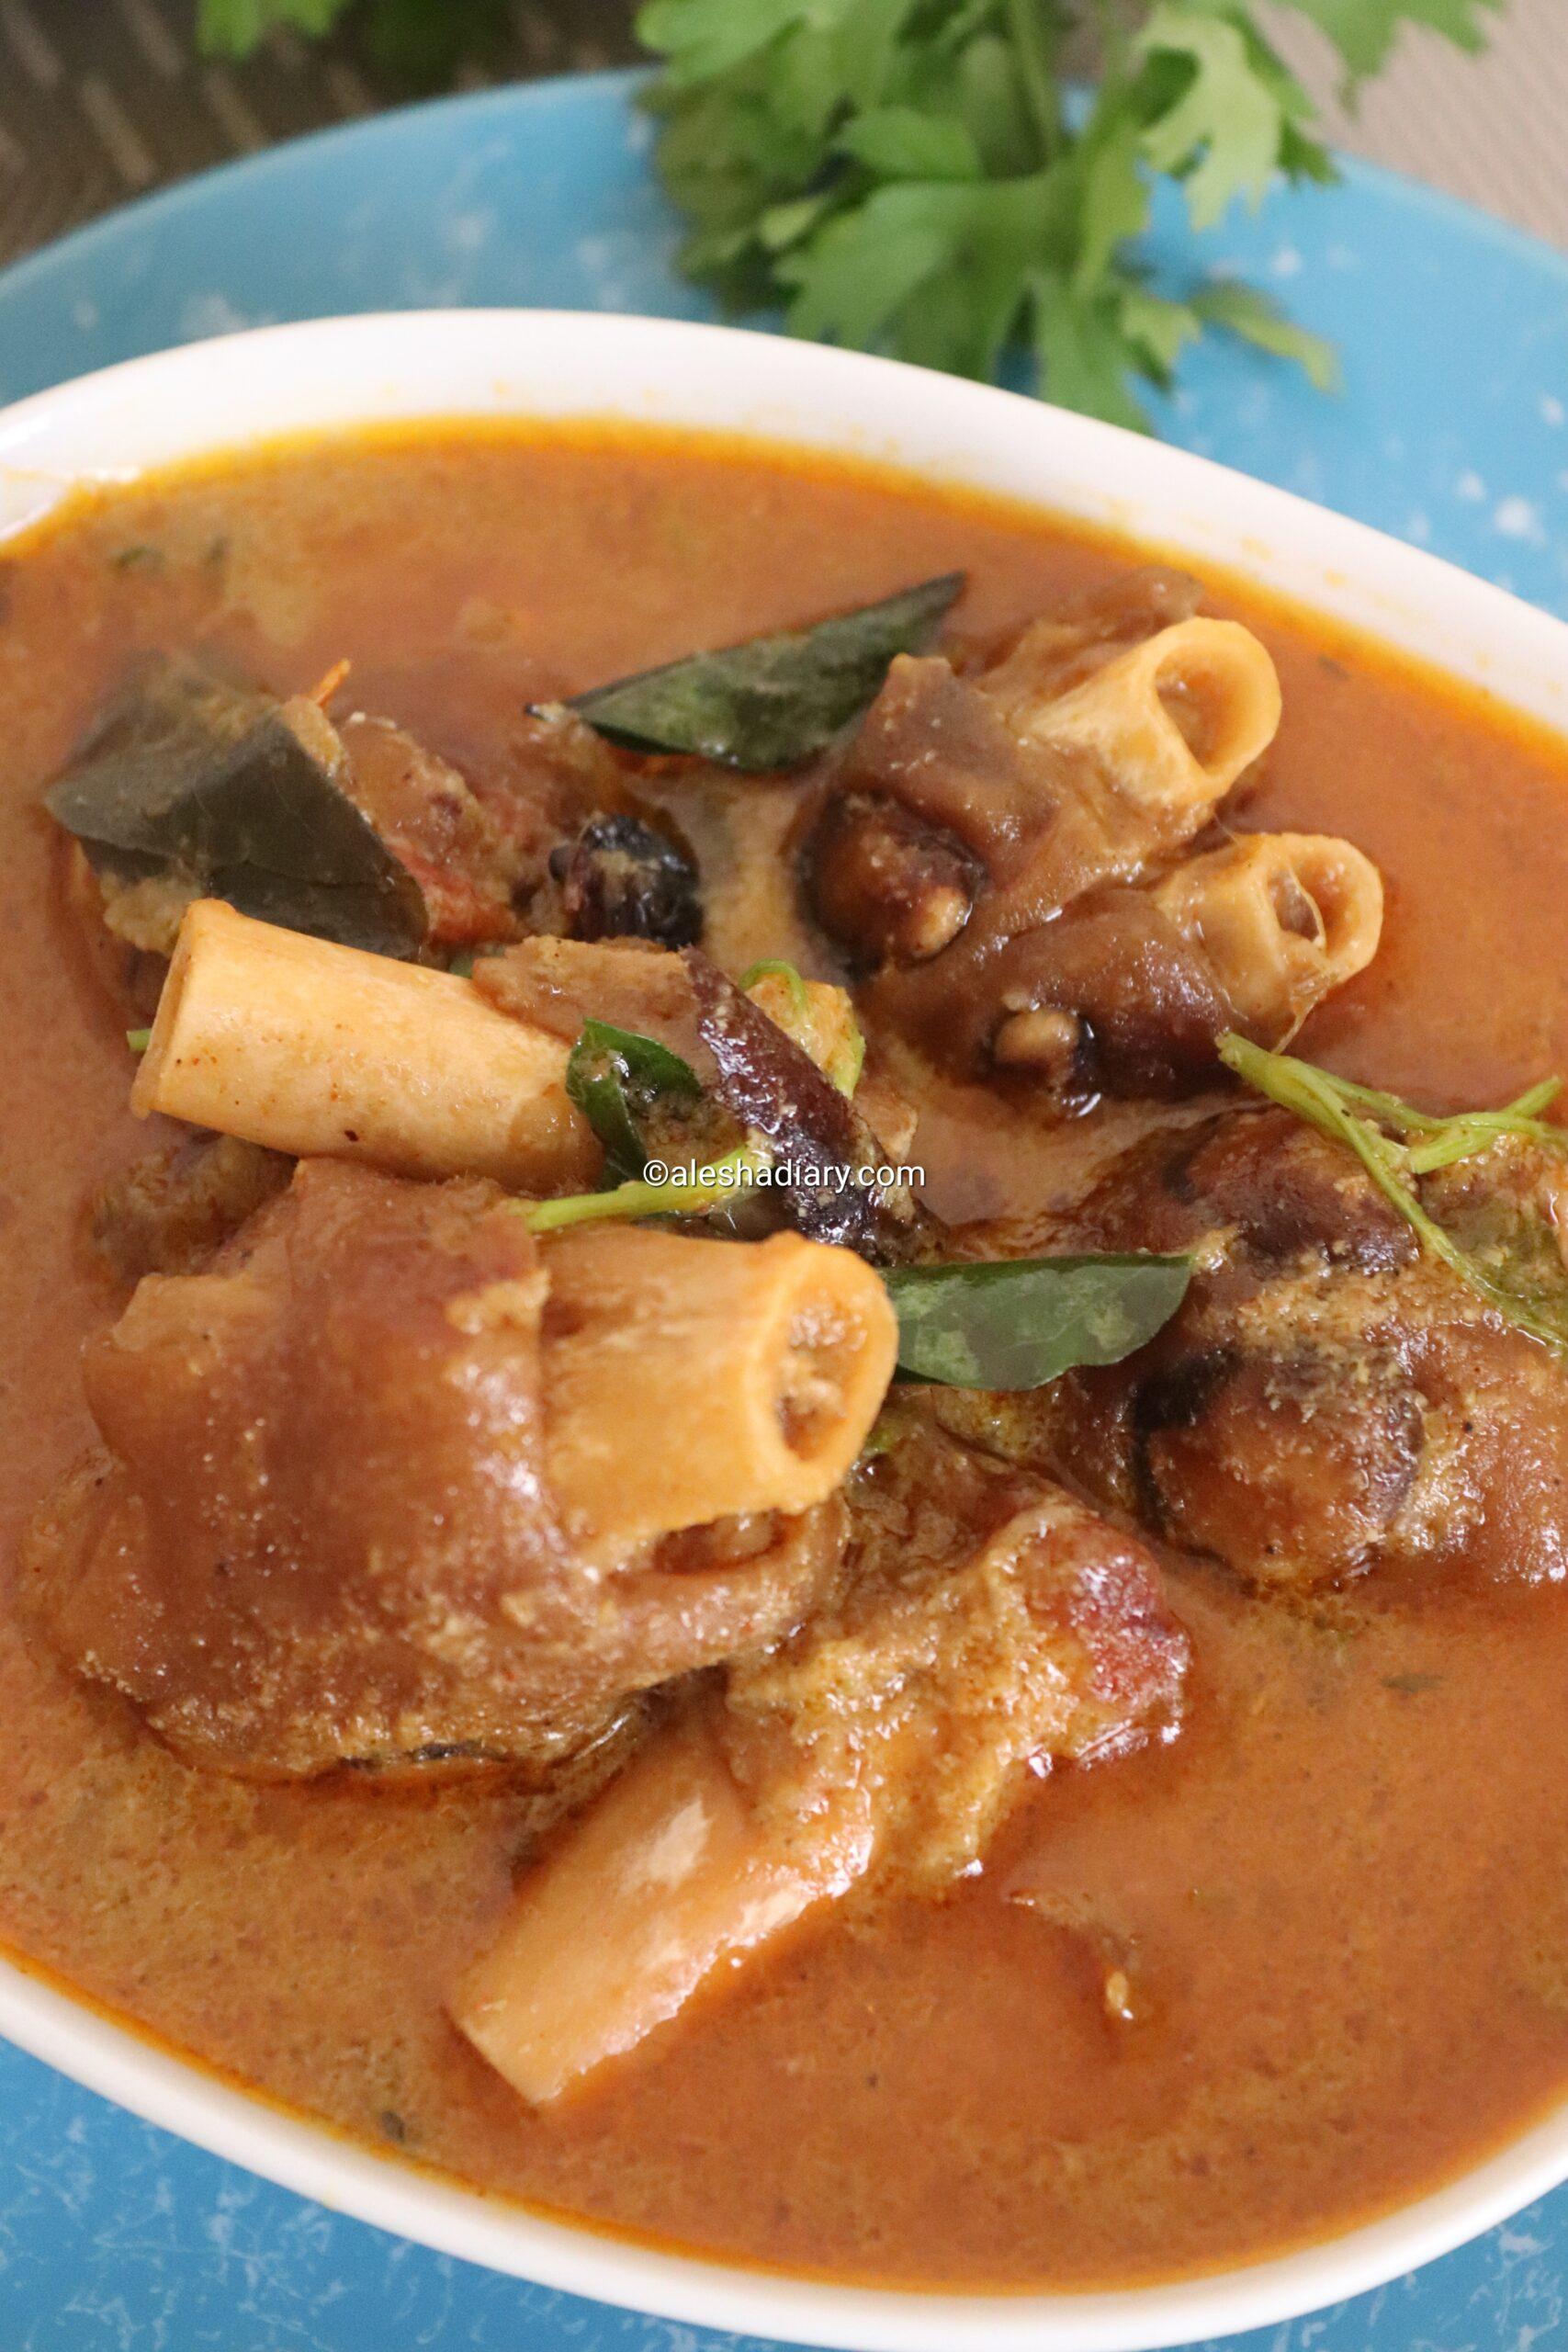 Aatu kaal paya – Mutton paya – Mutton trotters curry- Paya kuzhambu